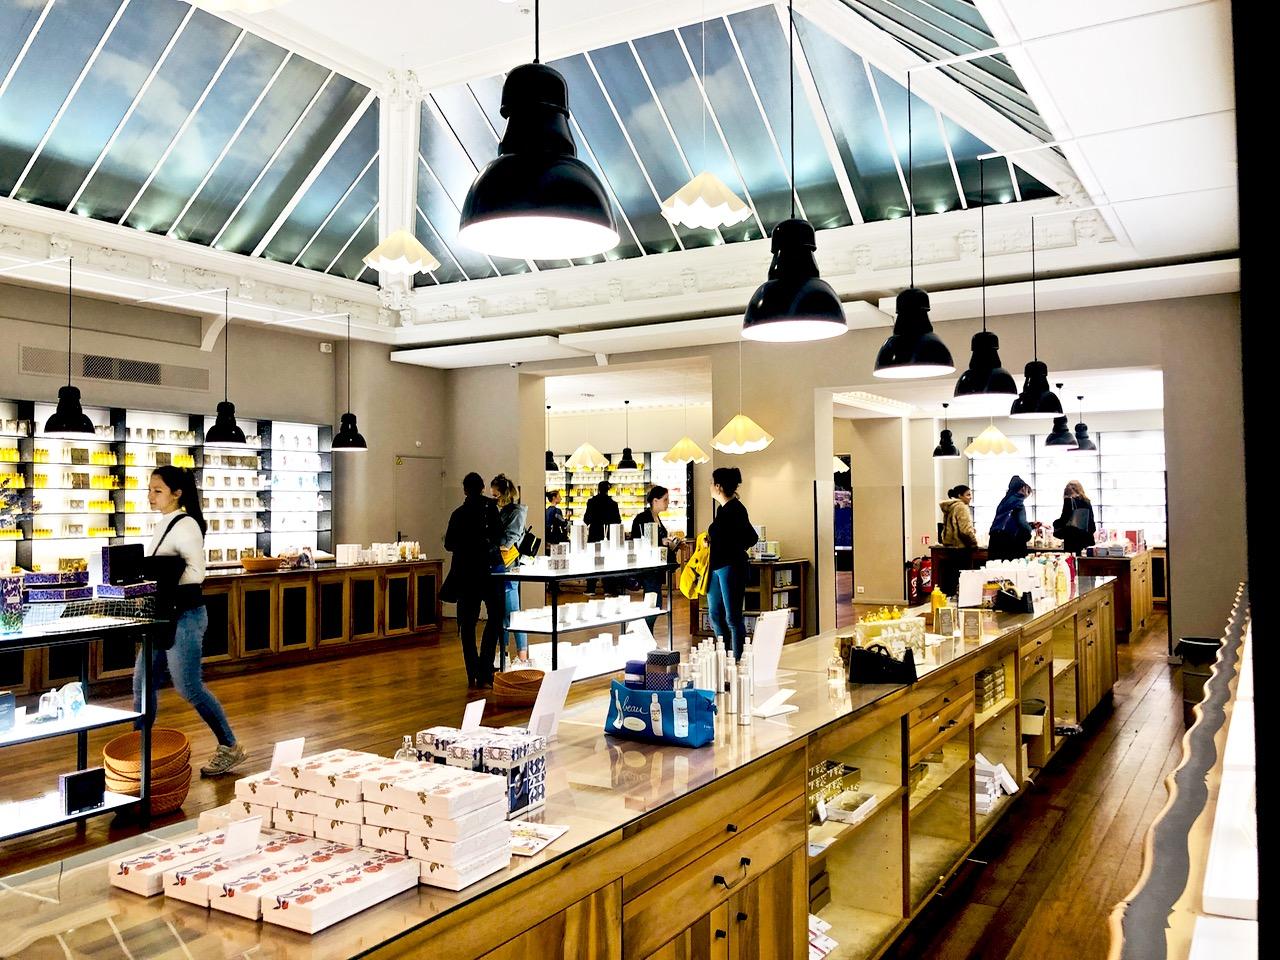 Ostolakossa Pariisi minimalismi shoppailu